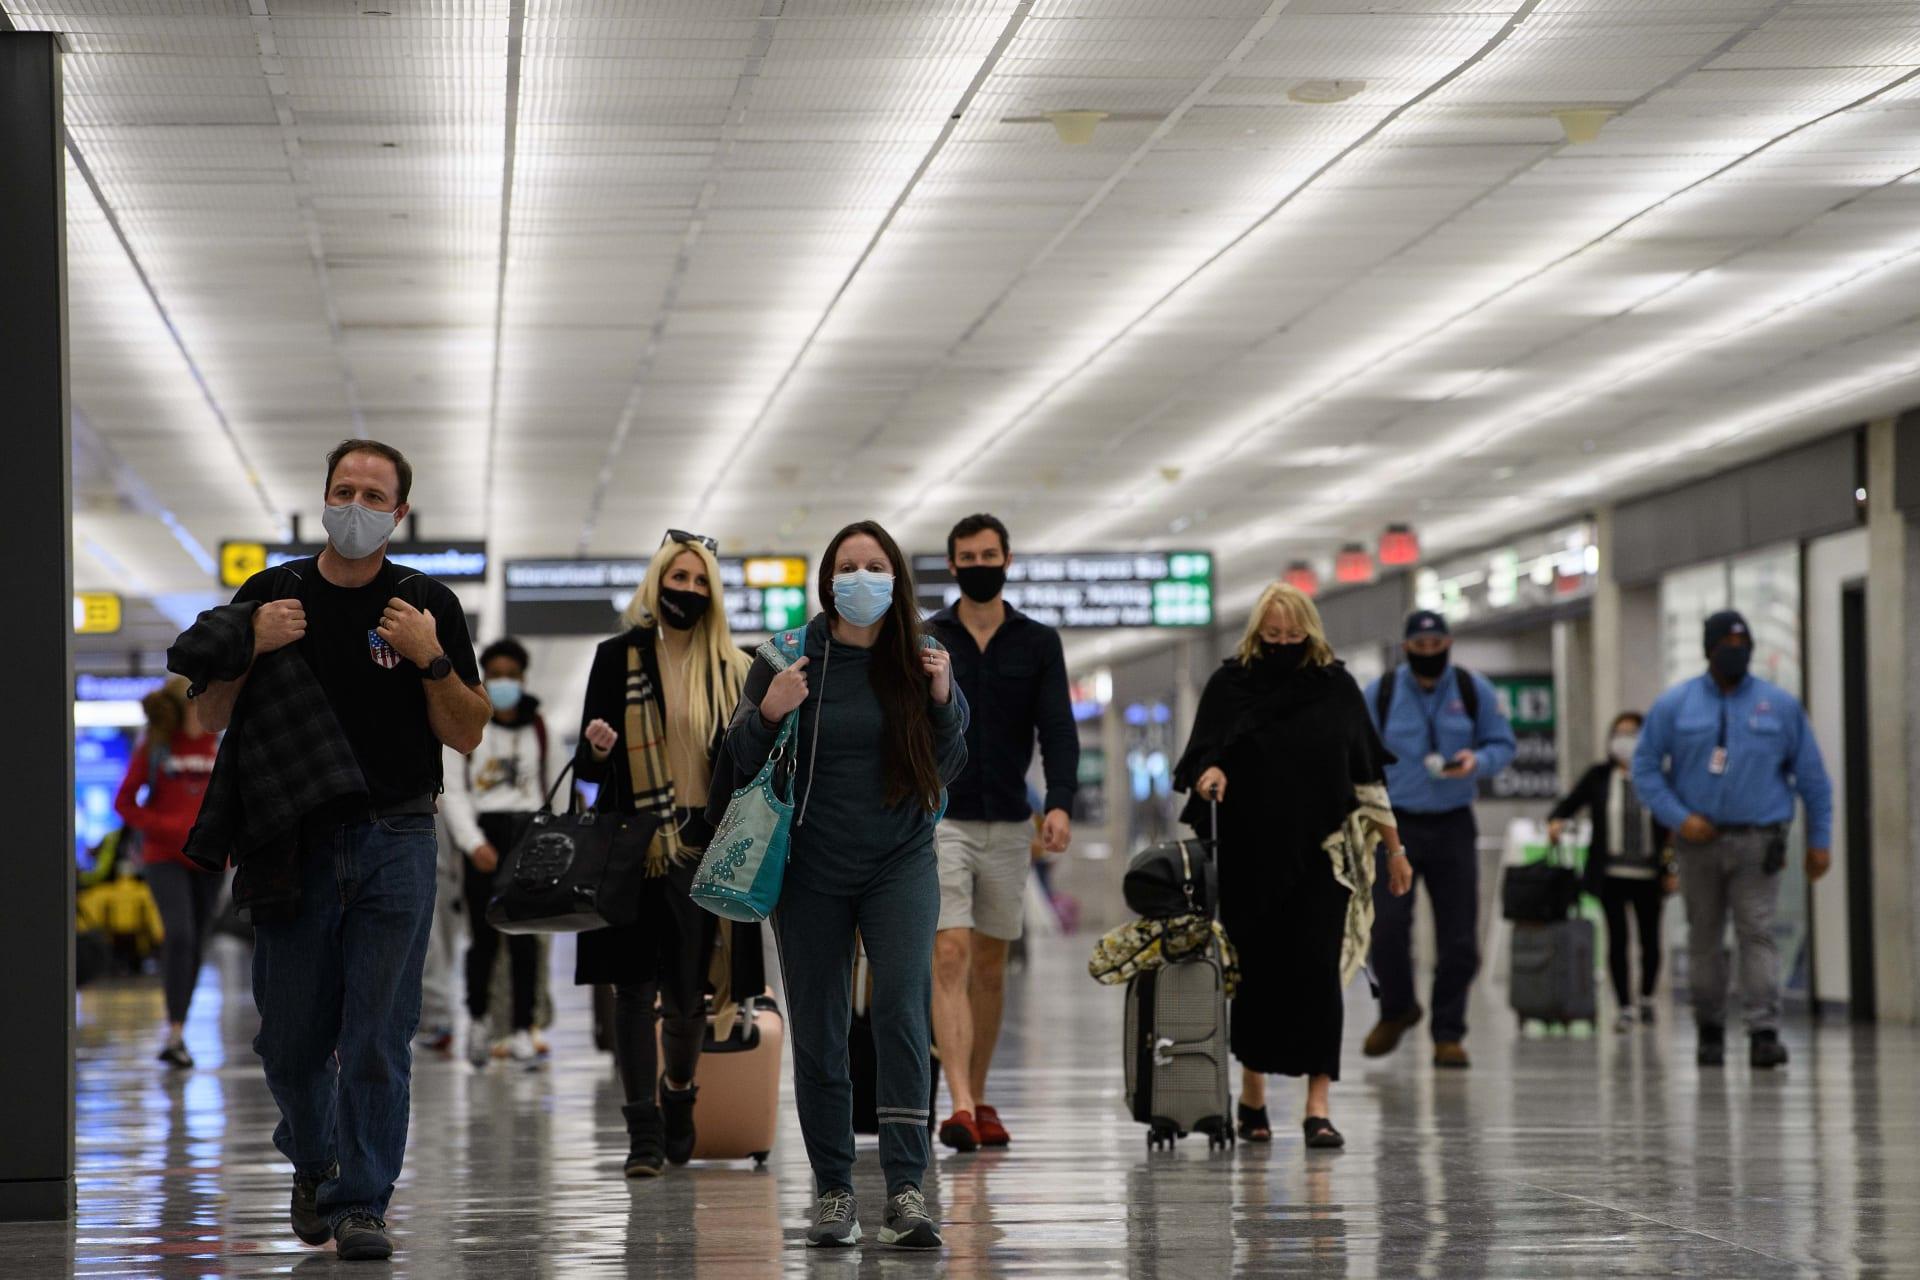 بيان الخارجية الأمريكية بشأن تأشيرات سفر المسلمين وانتهاء حظر ترامب رسميًا